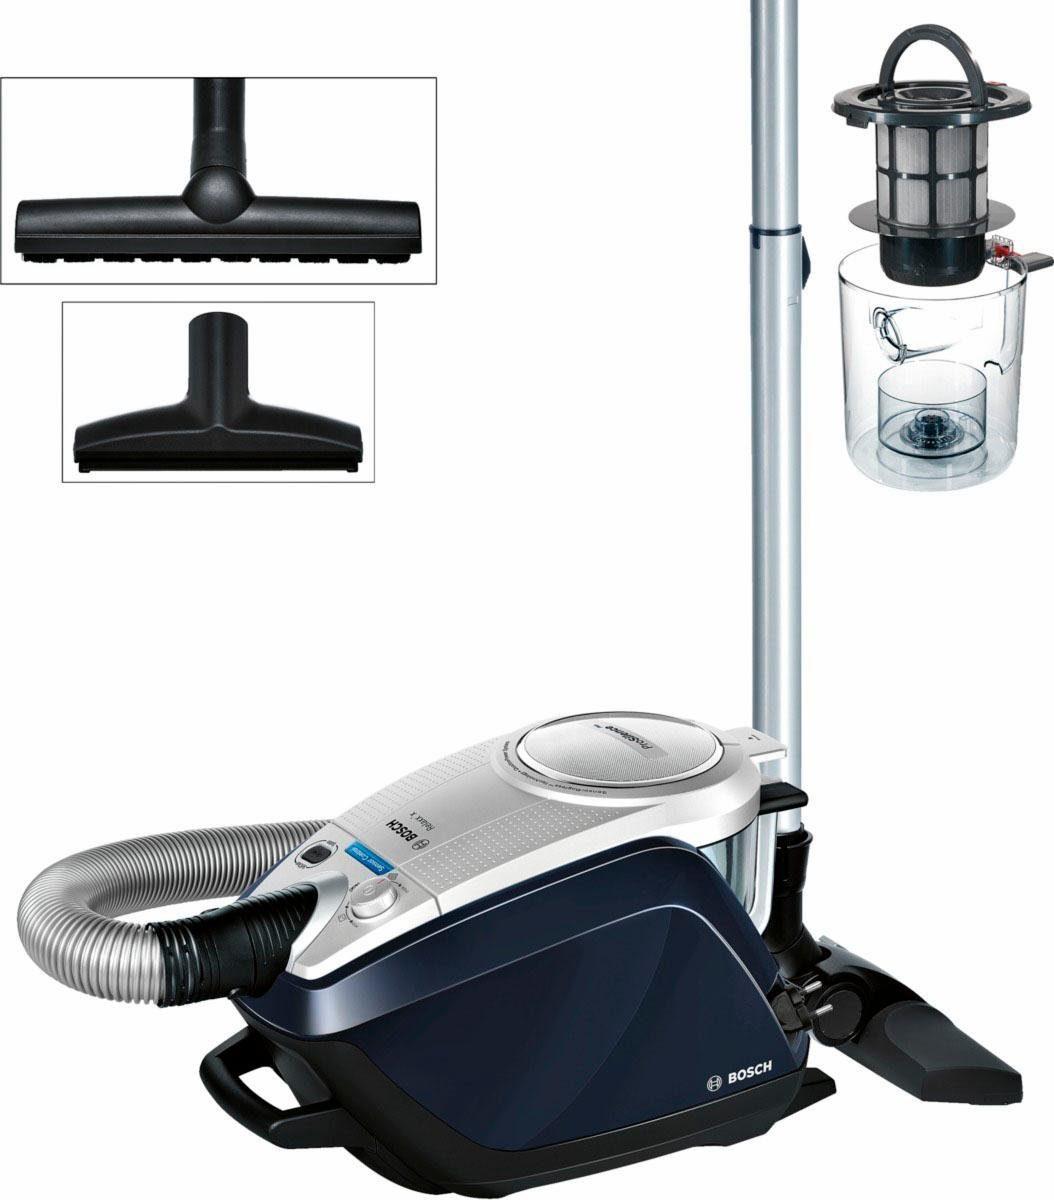 Bosch Bodenstaubsauger Relaxx'x ProSilence Plus BGS5A300, beutellos, A